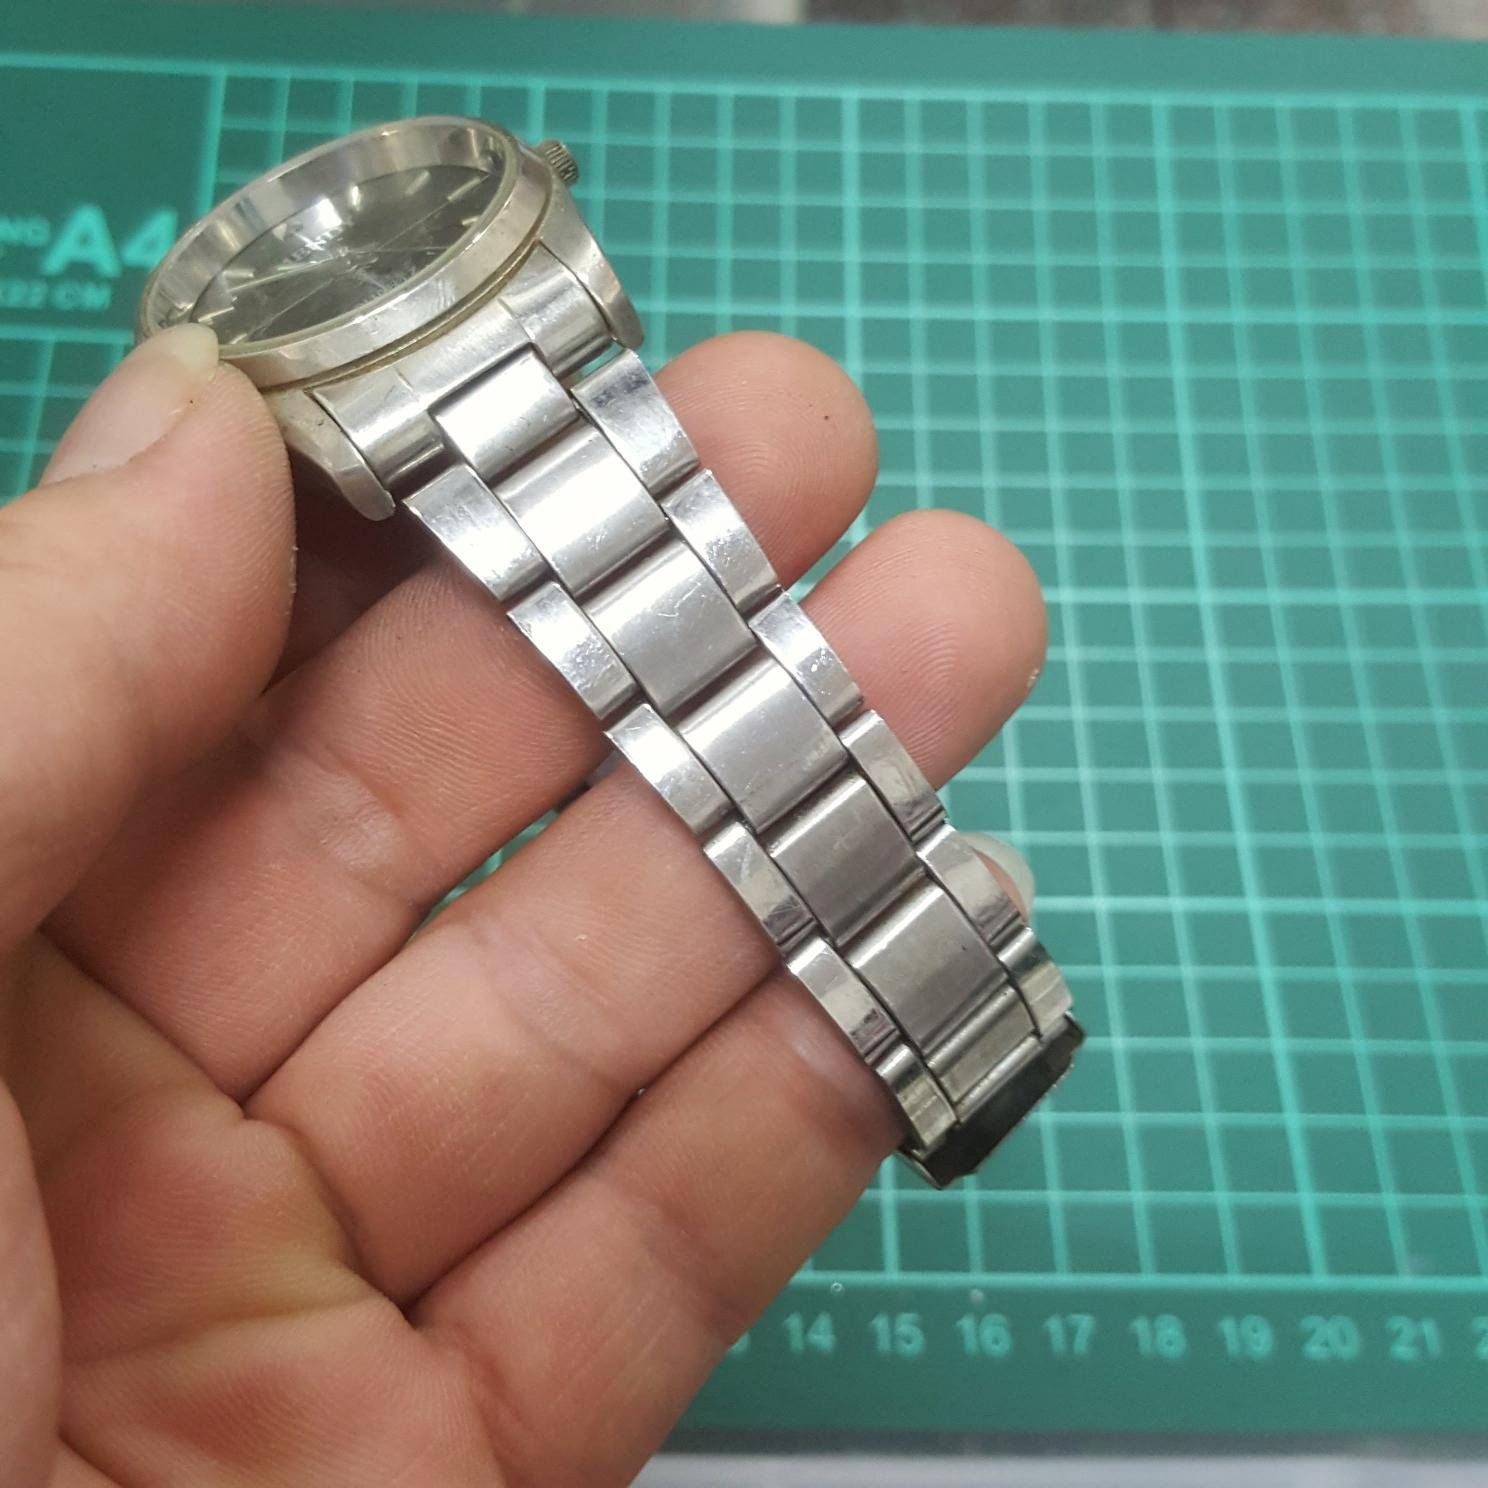 蠔式大型 男錶 錶帶長 早期好貨 老錶 最愛 非 港勞 EAT ROLEX SEIKO TELUX ORIENT MK IWC CK B02